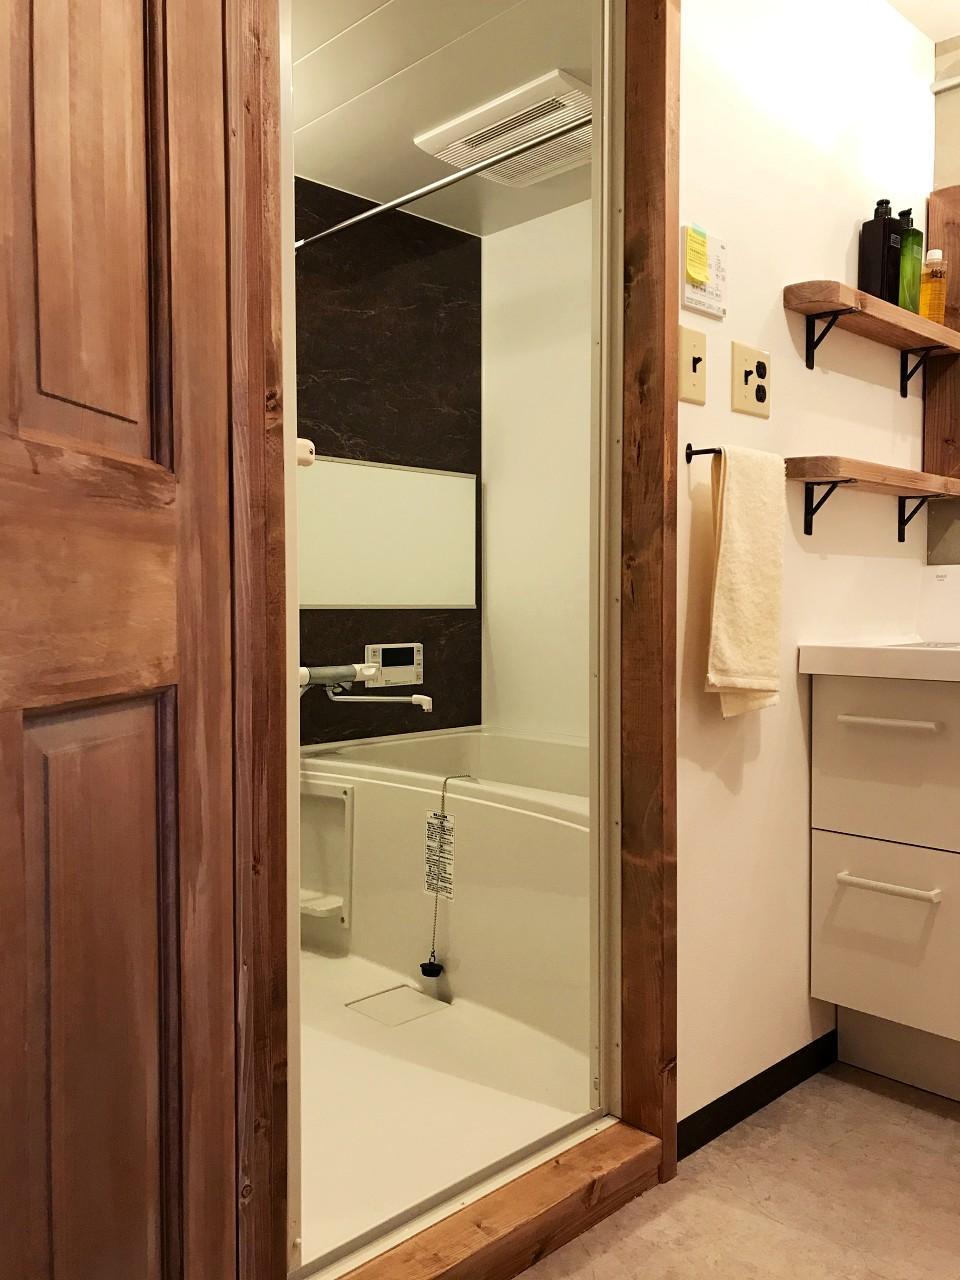 でもお風呂は追焚に浴室乾燥付きです